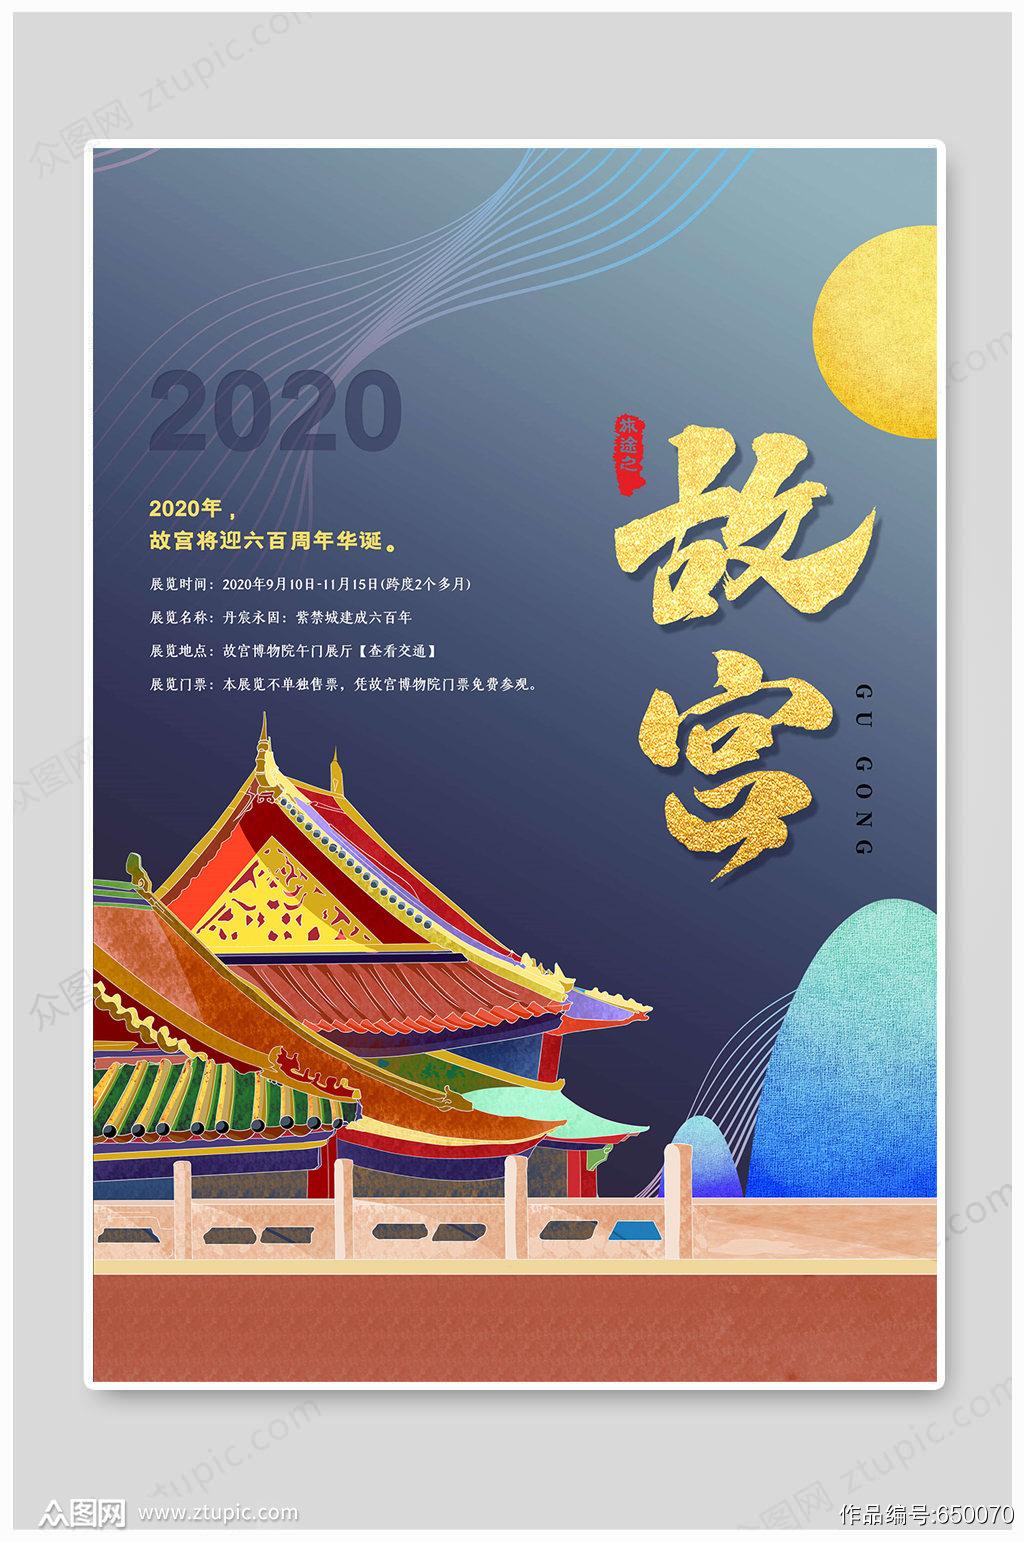 故宫海报周年华诞素材